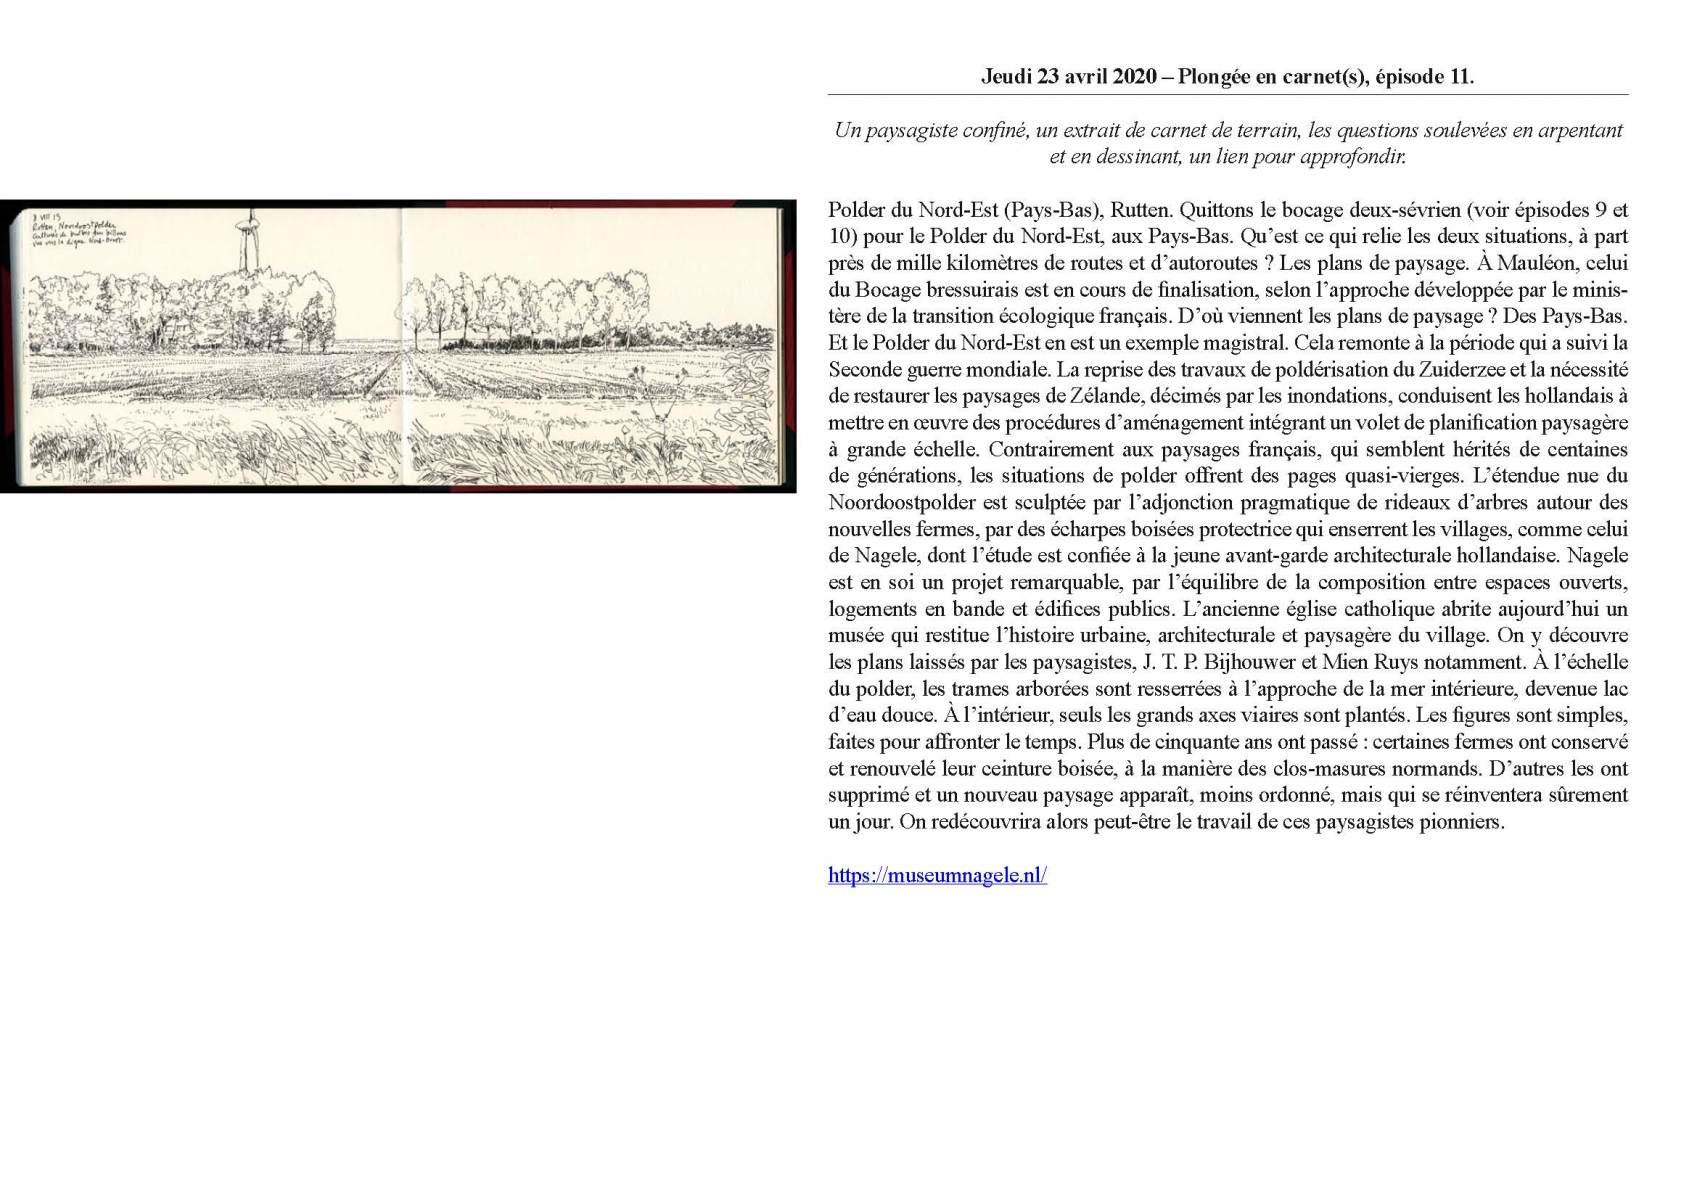 Plongee_en_carnets_Page_12